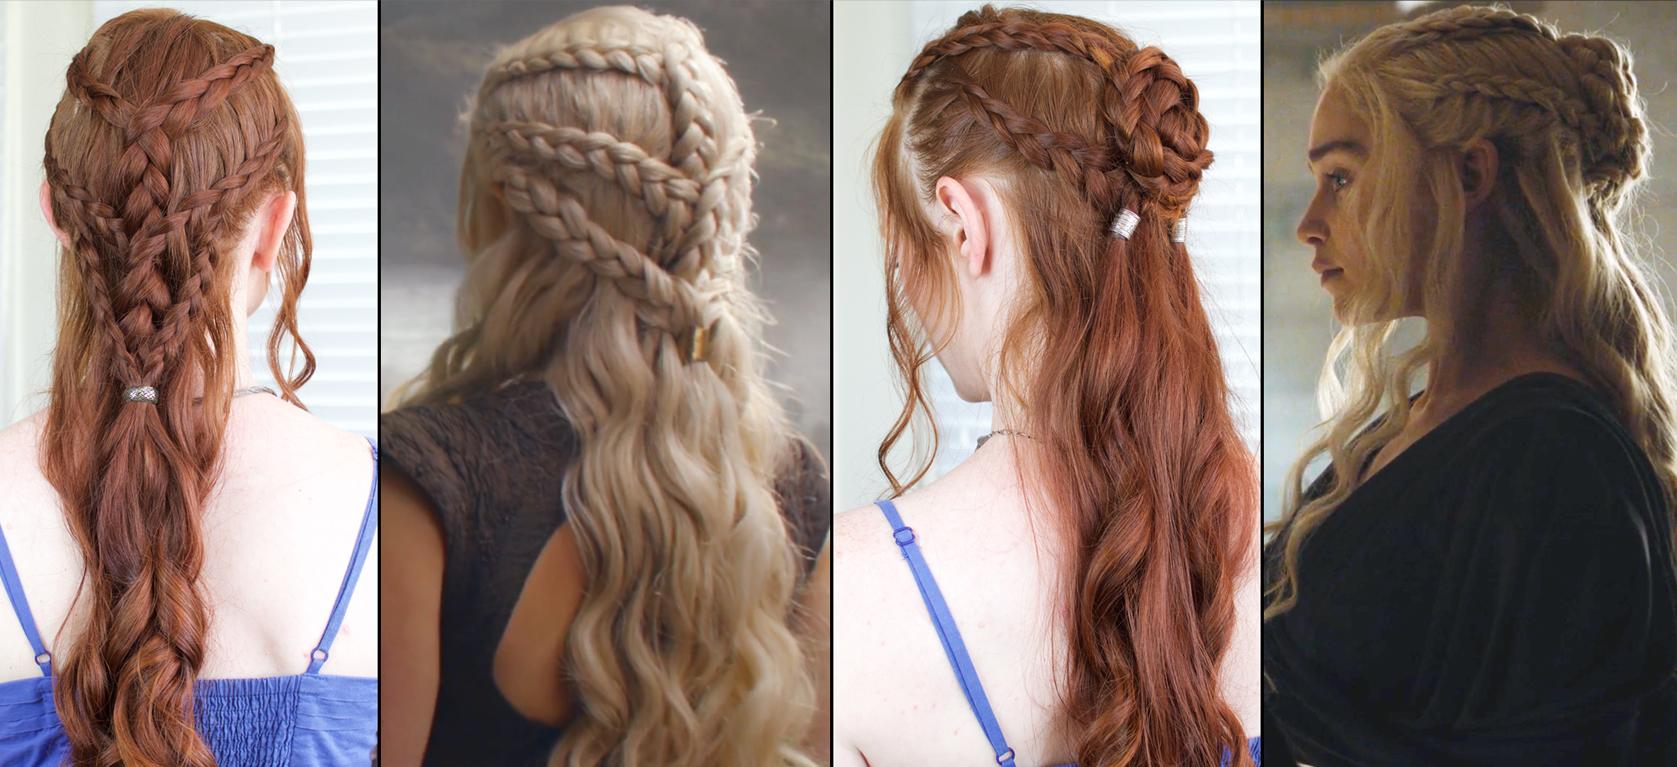 Daenerys Braids in Game of Thrones Season 6